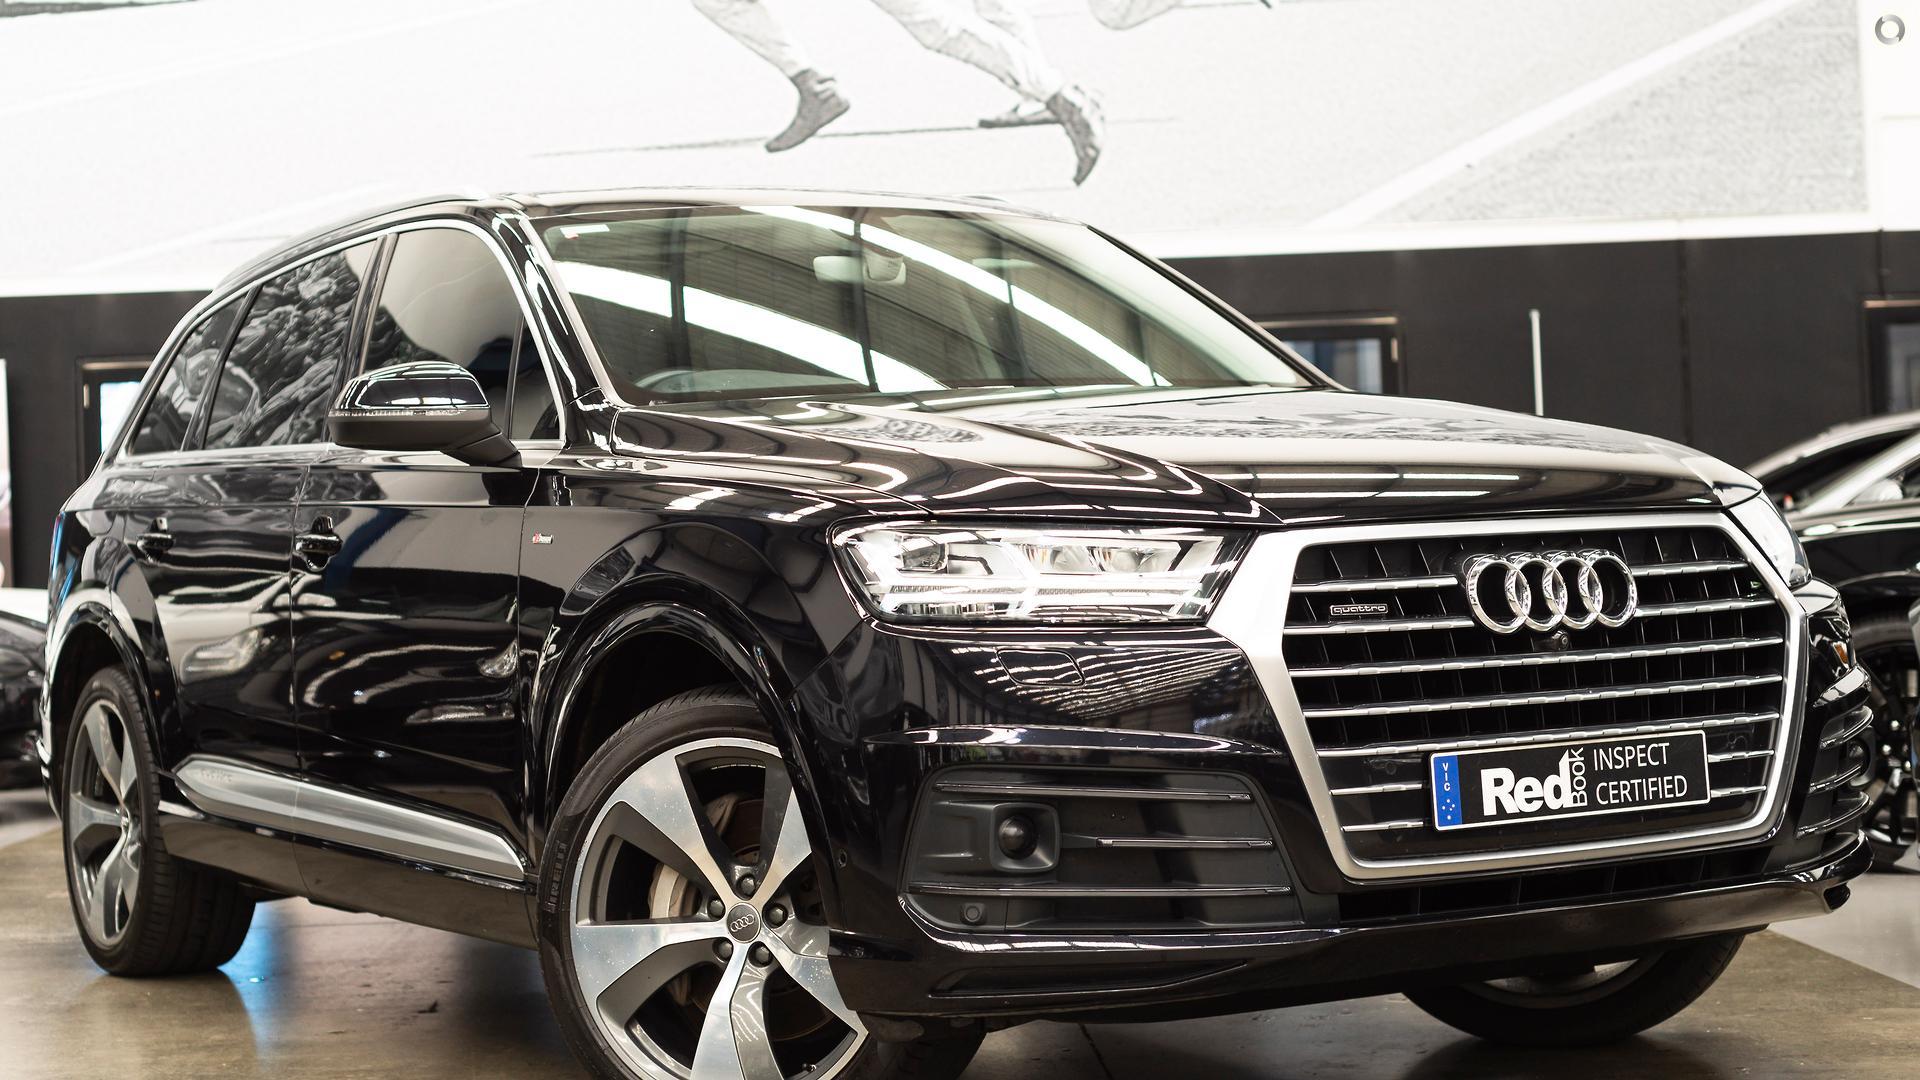 2015 Audi Q7 4M